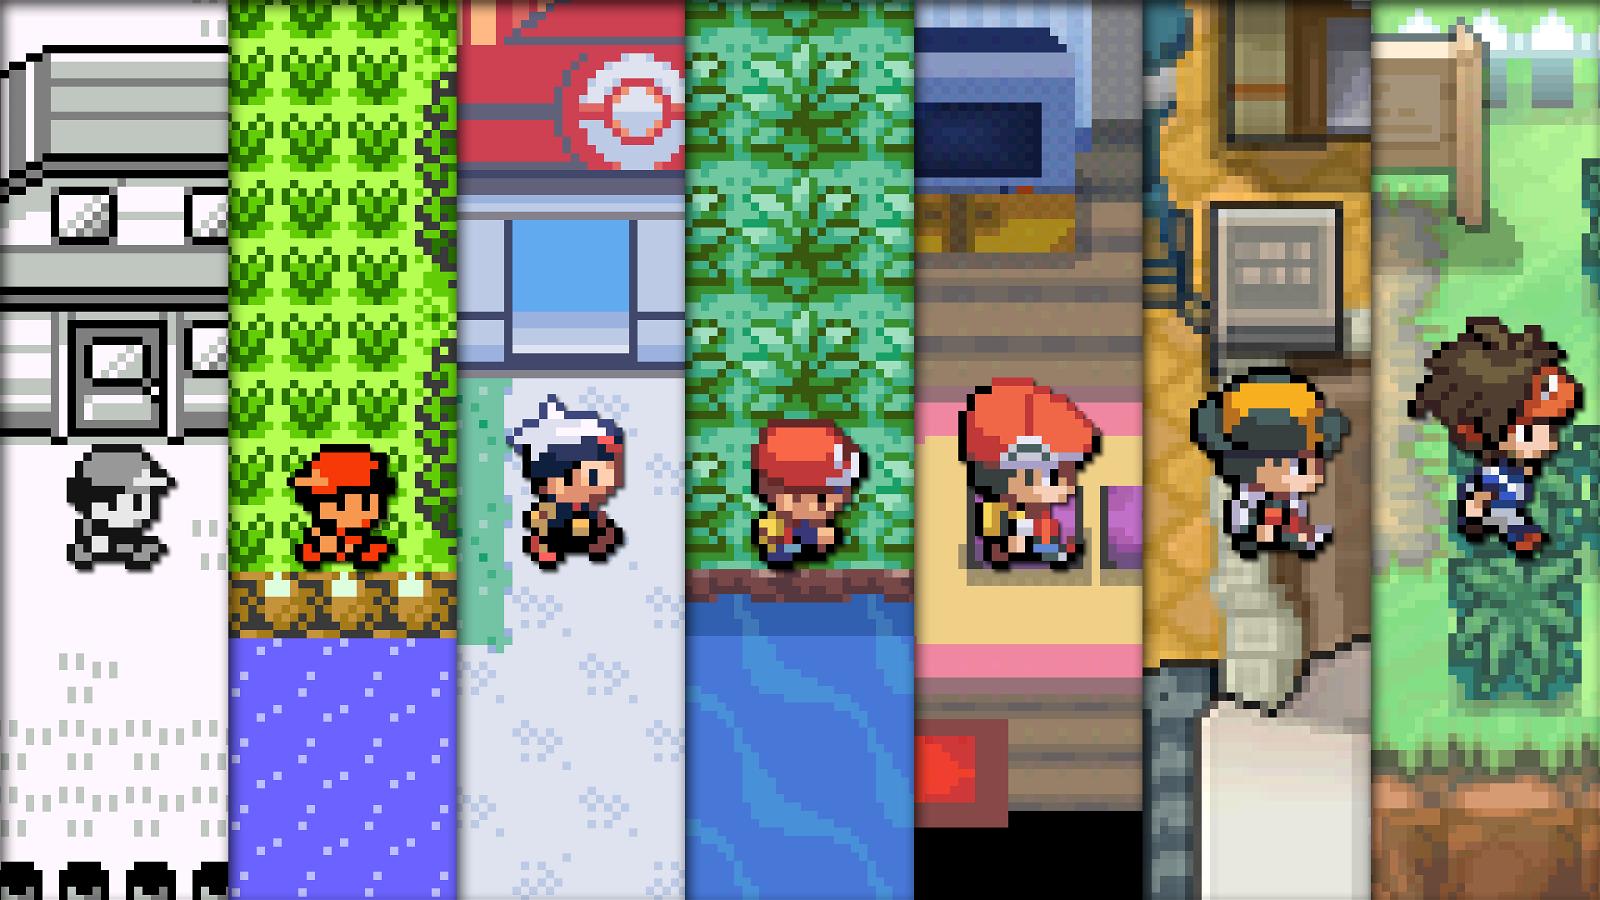 Pokémon y su evolución generacional, en nuestro reportaje de mañana